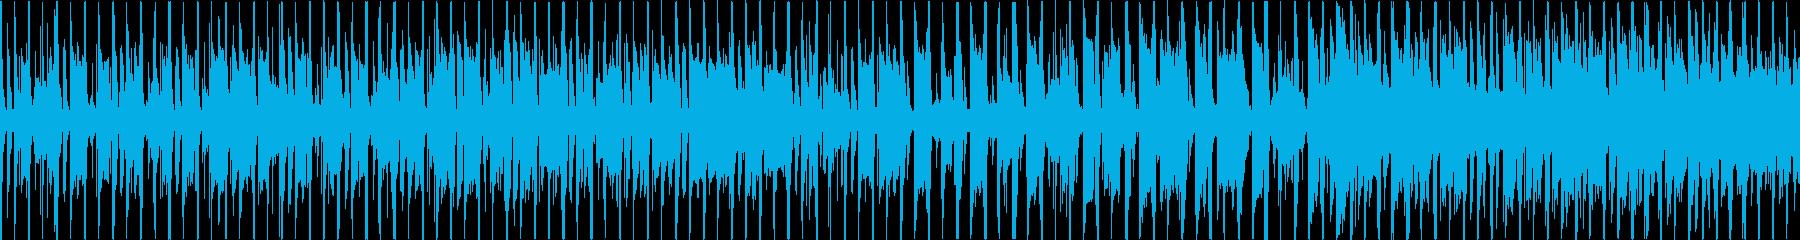 陽気なアメリカンミドルアップの再生済みの波形